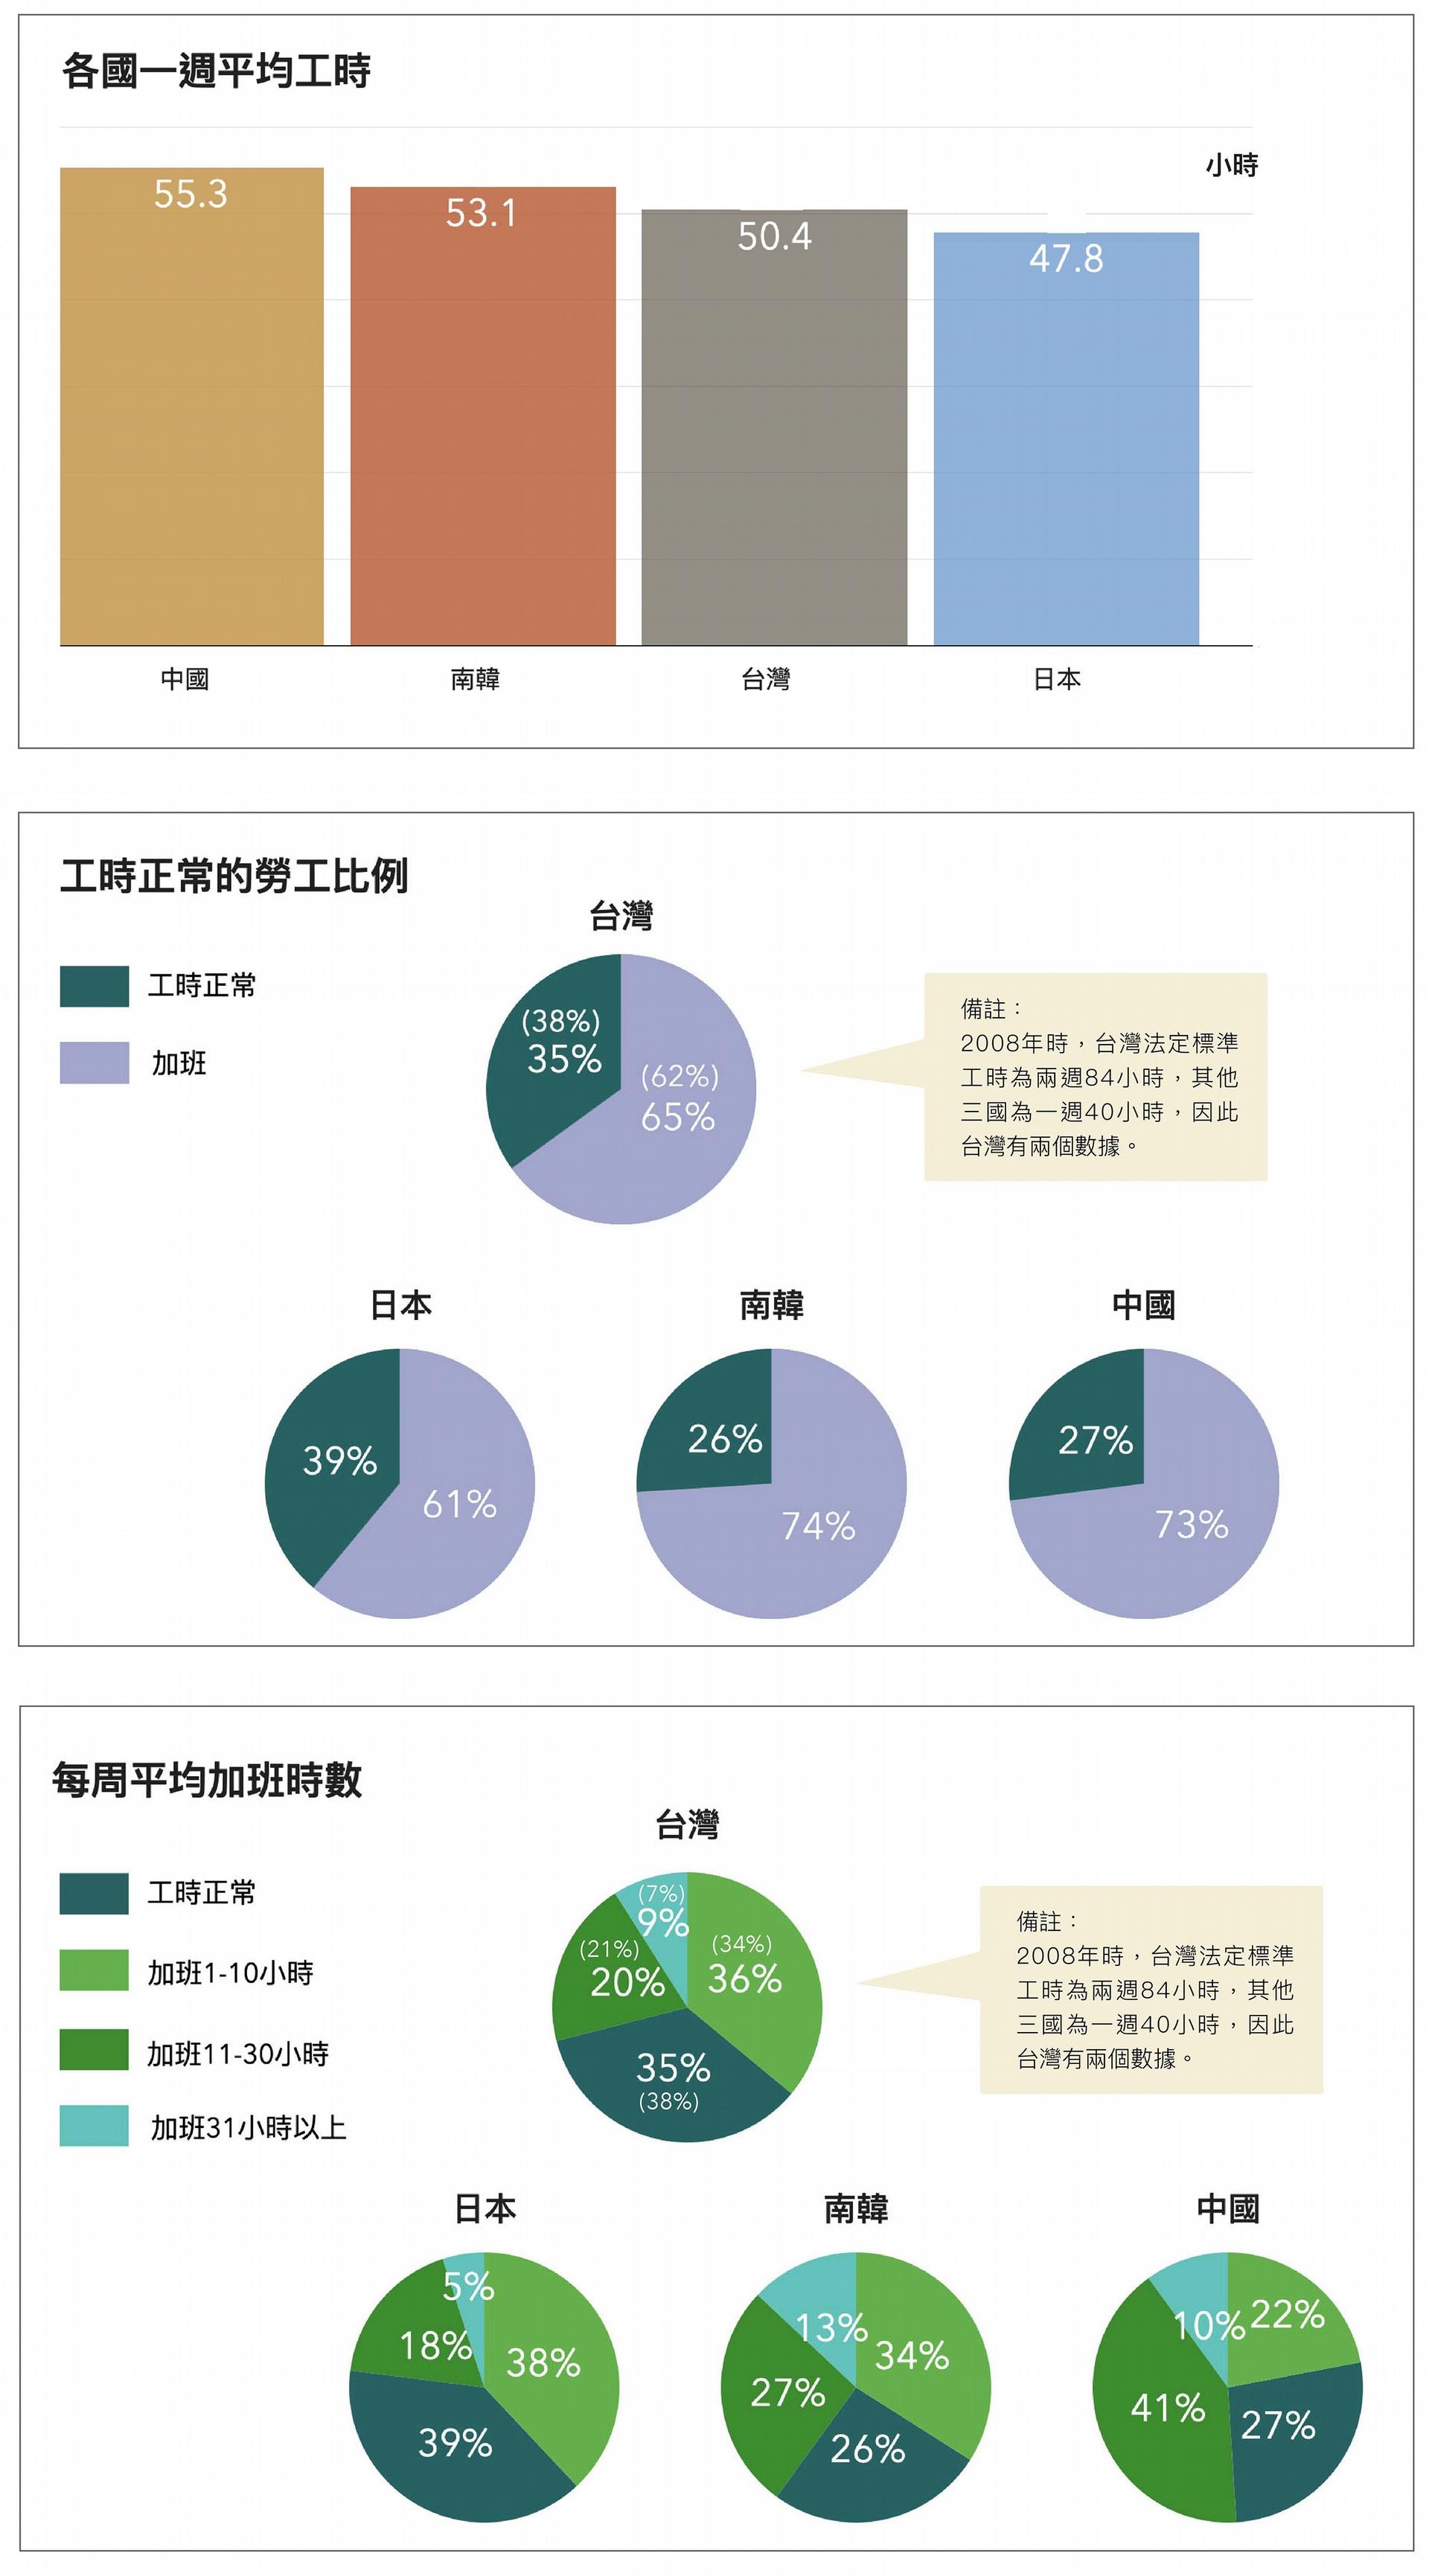 依據 2008 年東亞社會調查問卷資料,以每週工時來看,從高至低依序為中國、韓國、臺灣、日本,但四國都有超過 6 成勞工要加班。 圖│研之有物(資料來源│蔡明璋)